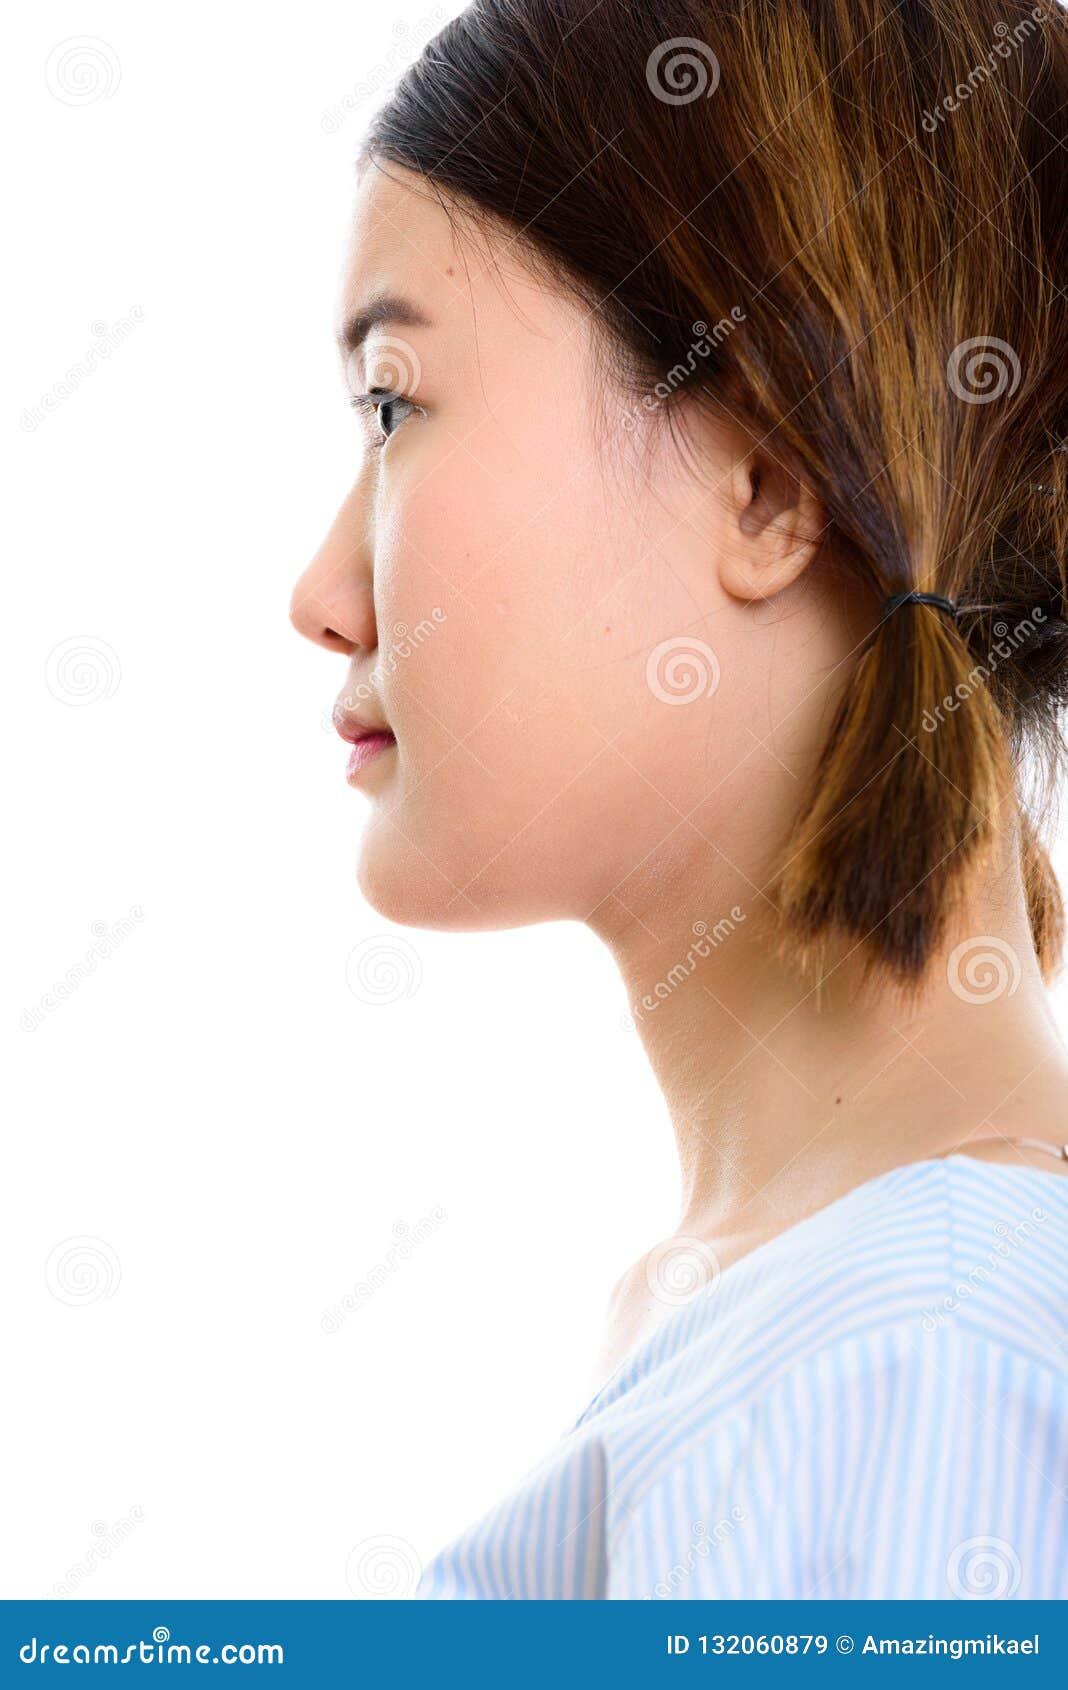 Asian Woman Profile. Smiling Young Beautiful Asian Woman